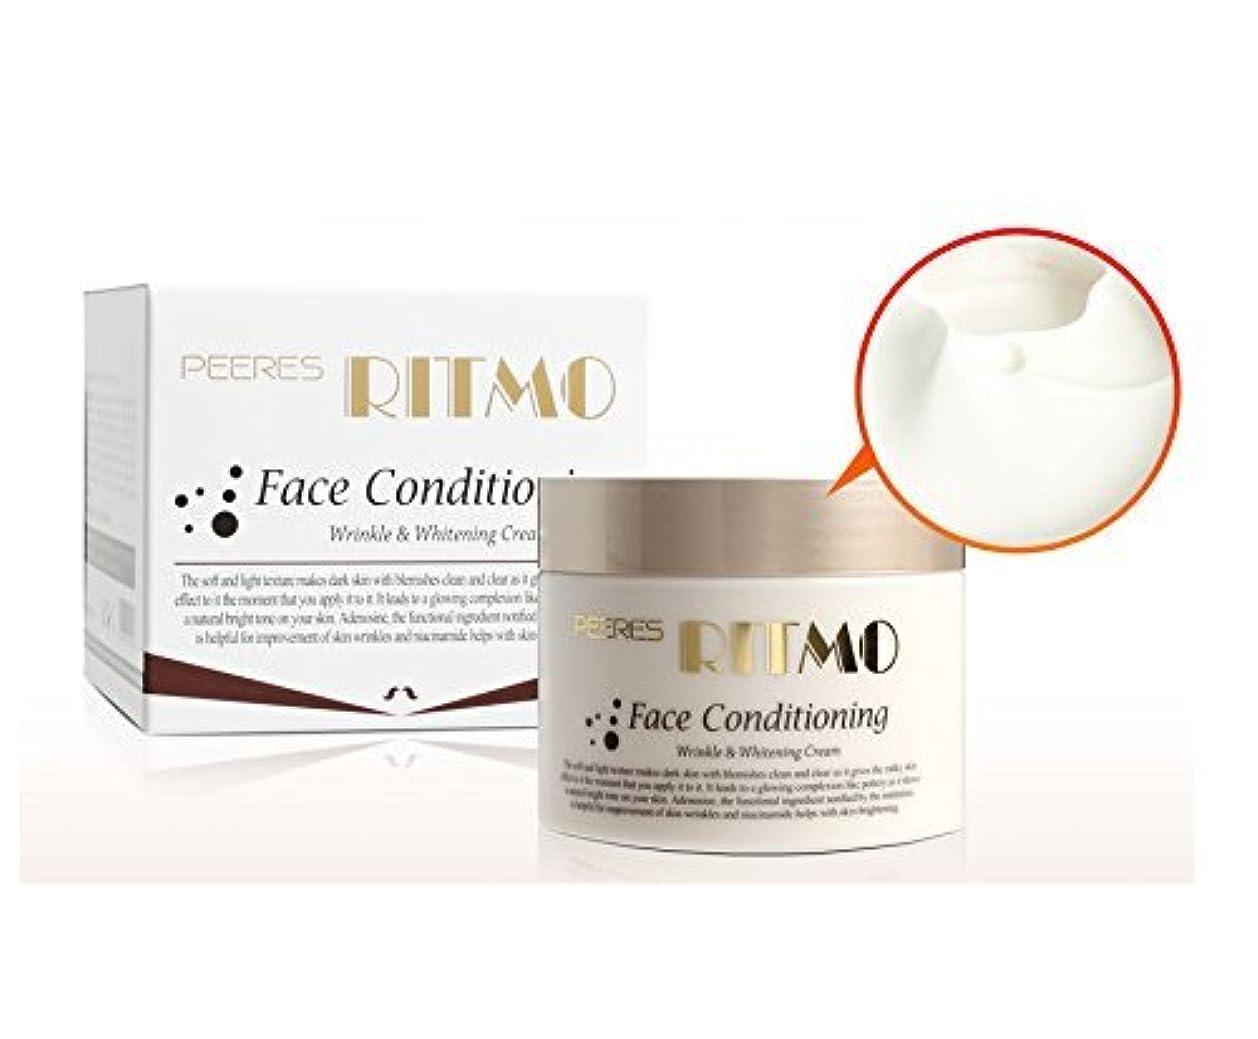 パフ請願者条約[Ritmo] フェイスコンディショニングホワイトニングクリーム100ml/Face Conditioning Whitening Cream 100ml/ソフトや照明/Soft and lighting/韓国化粧品/Korean Cosmetics [並行輸入品]